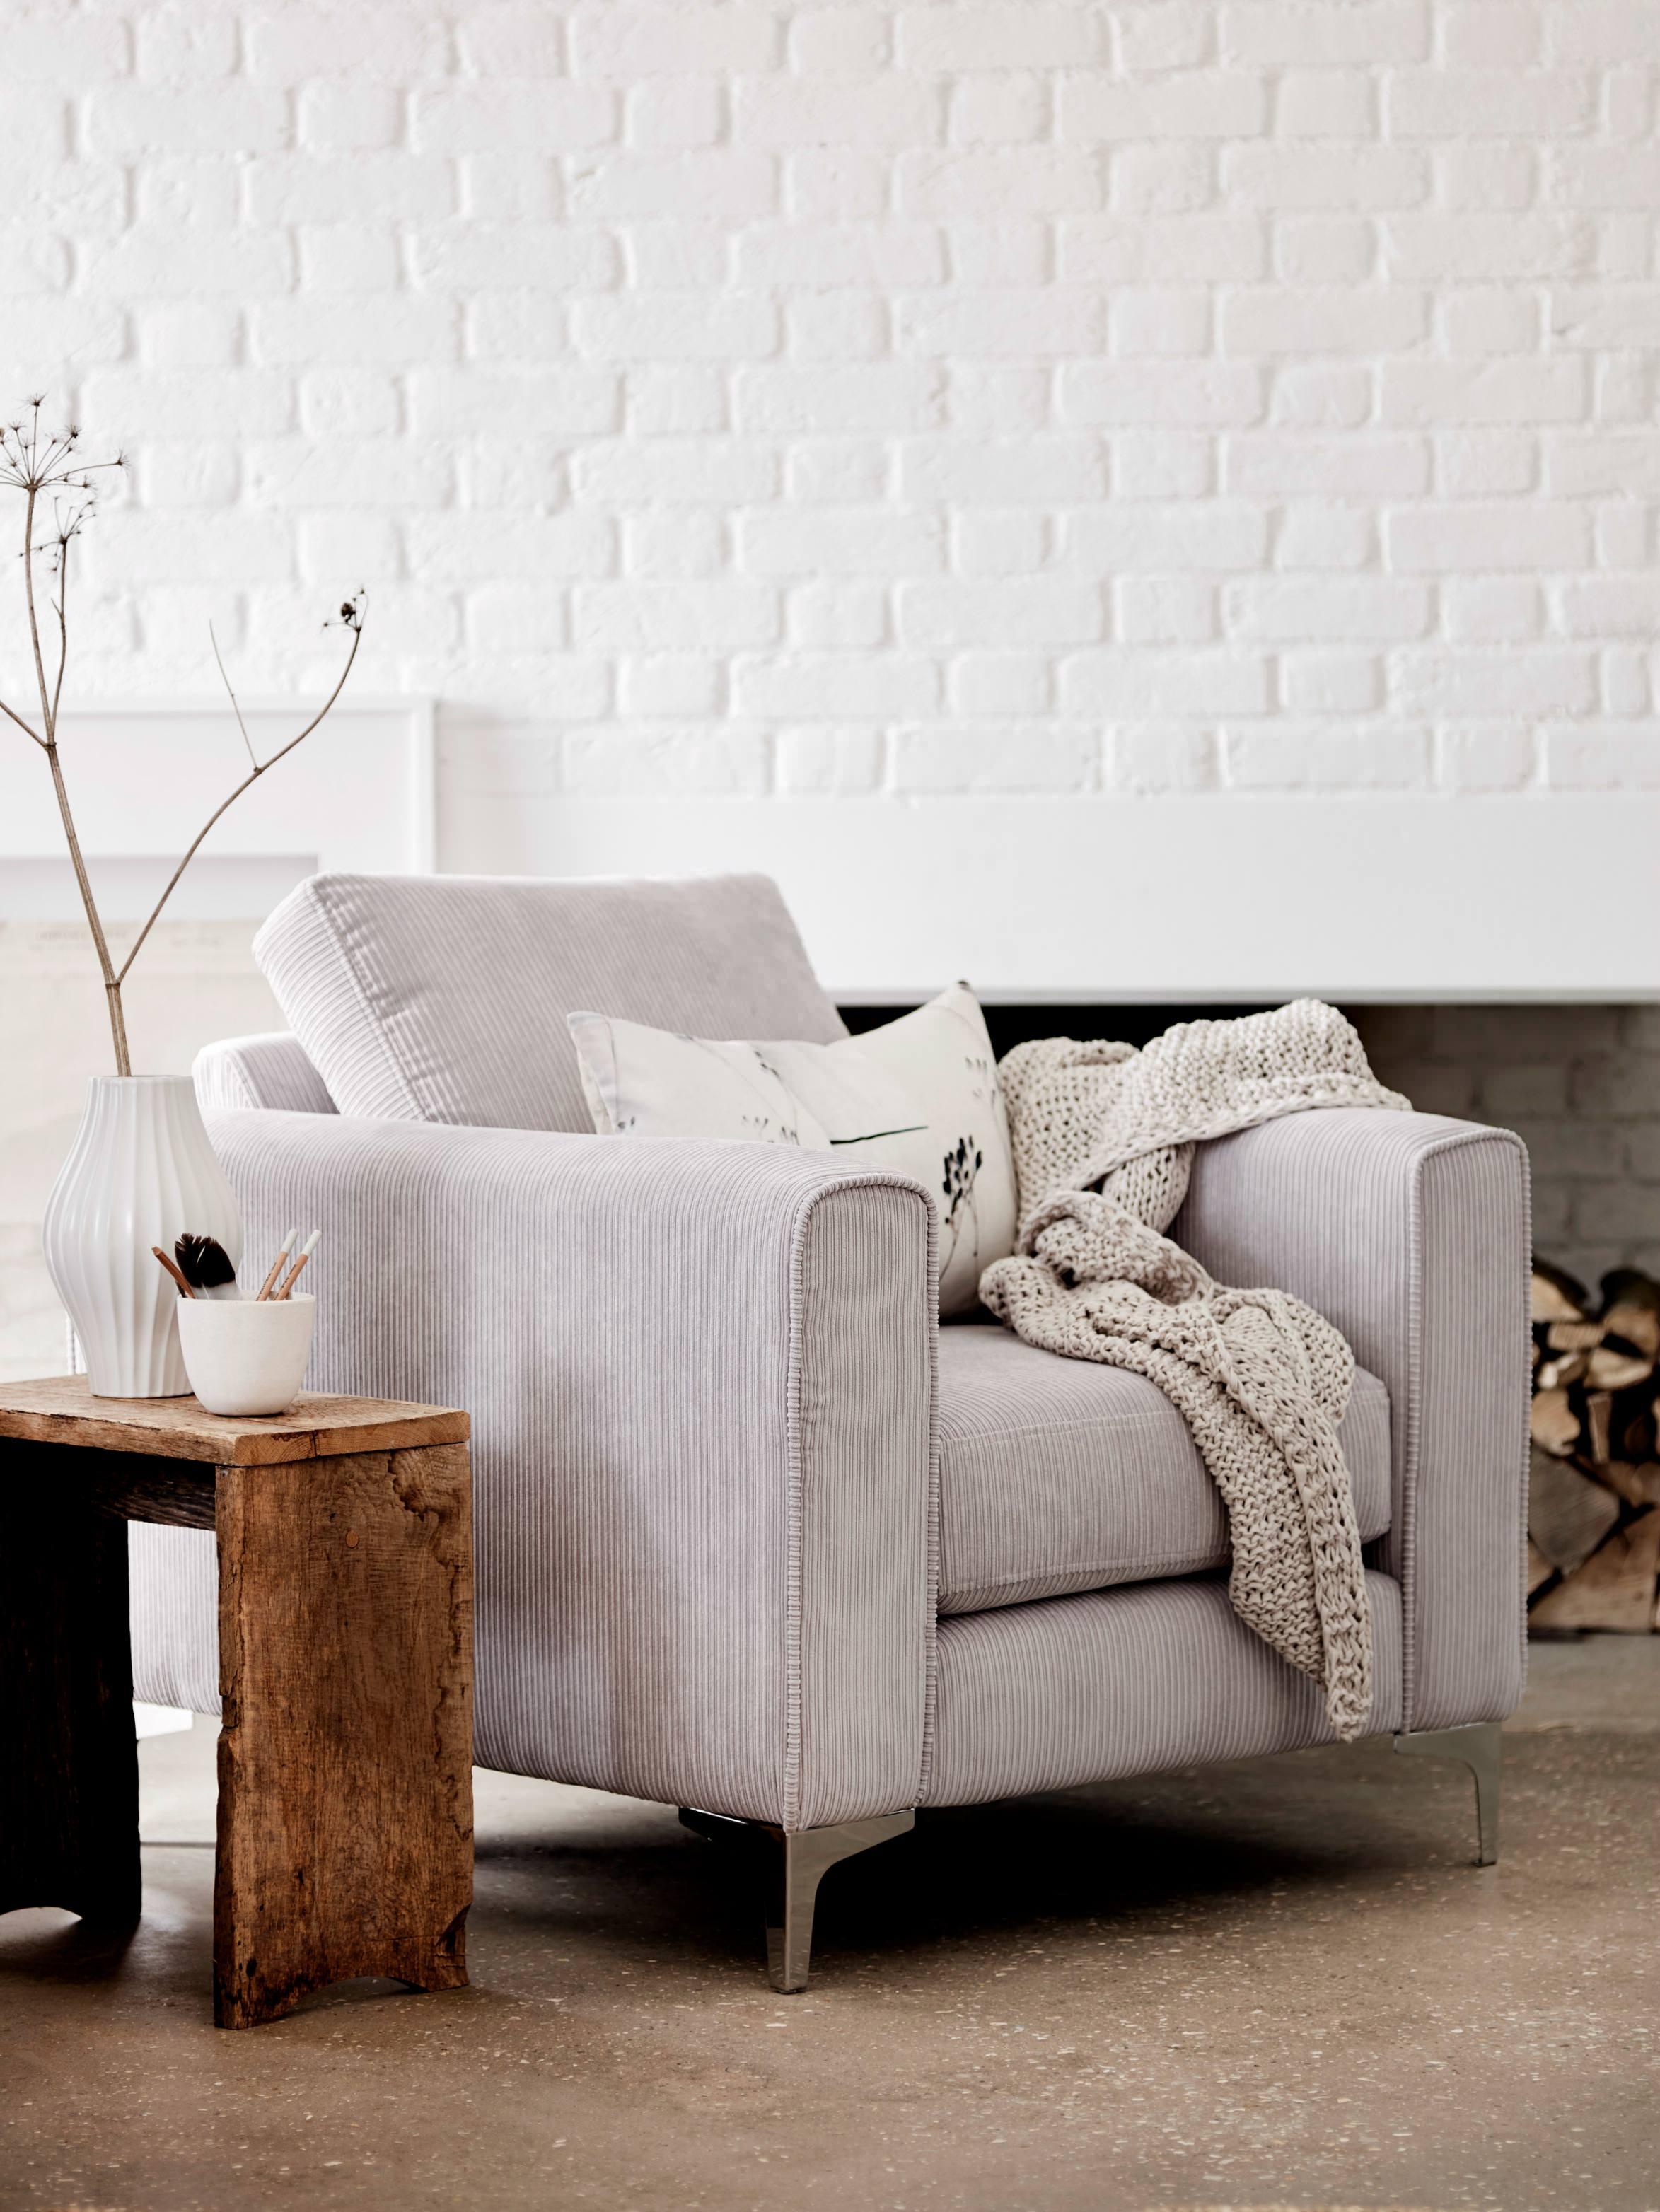 LittleBIGBELL DFS Archives - Dfs bedroom furniture sets